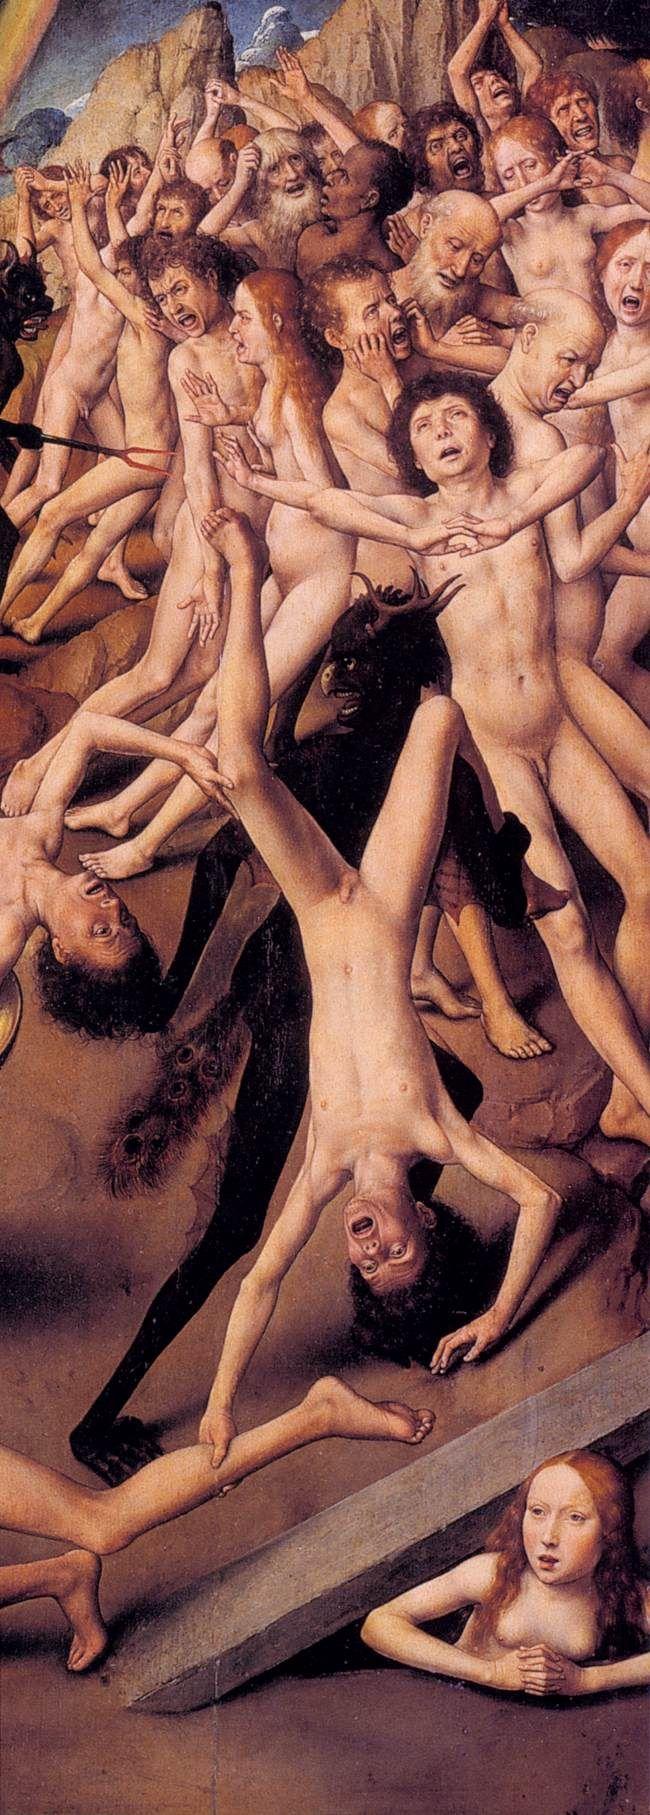 Hans Memling - Last Judgment Triptych (1467-71) - detail